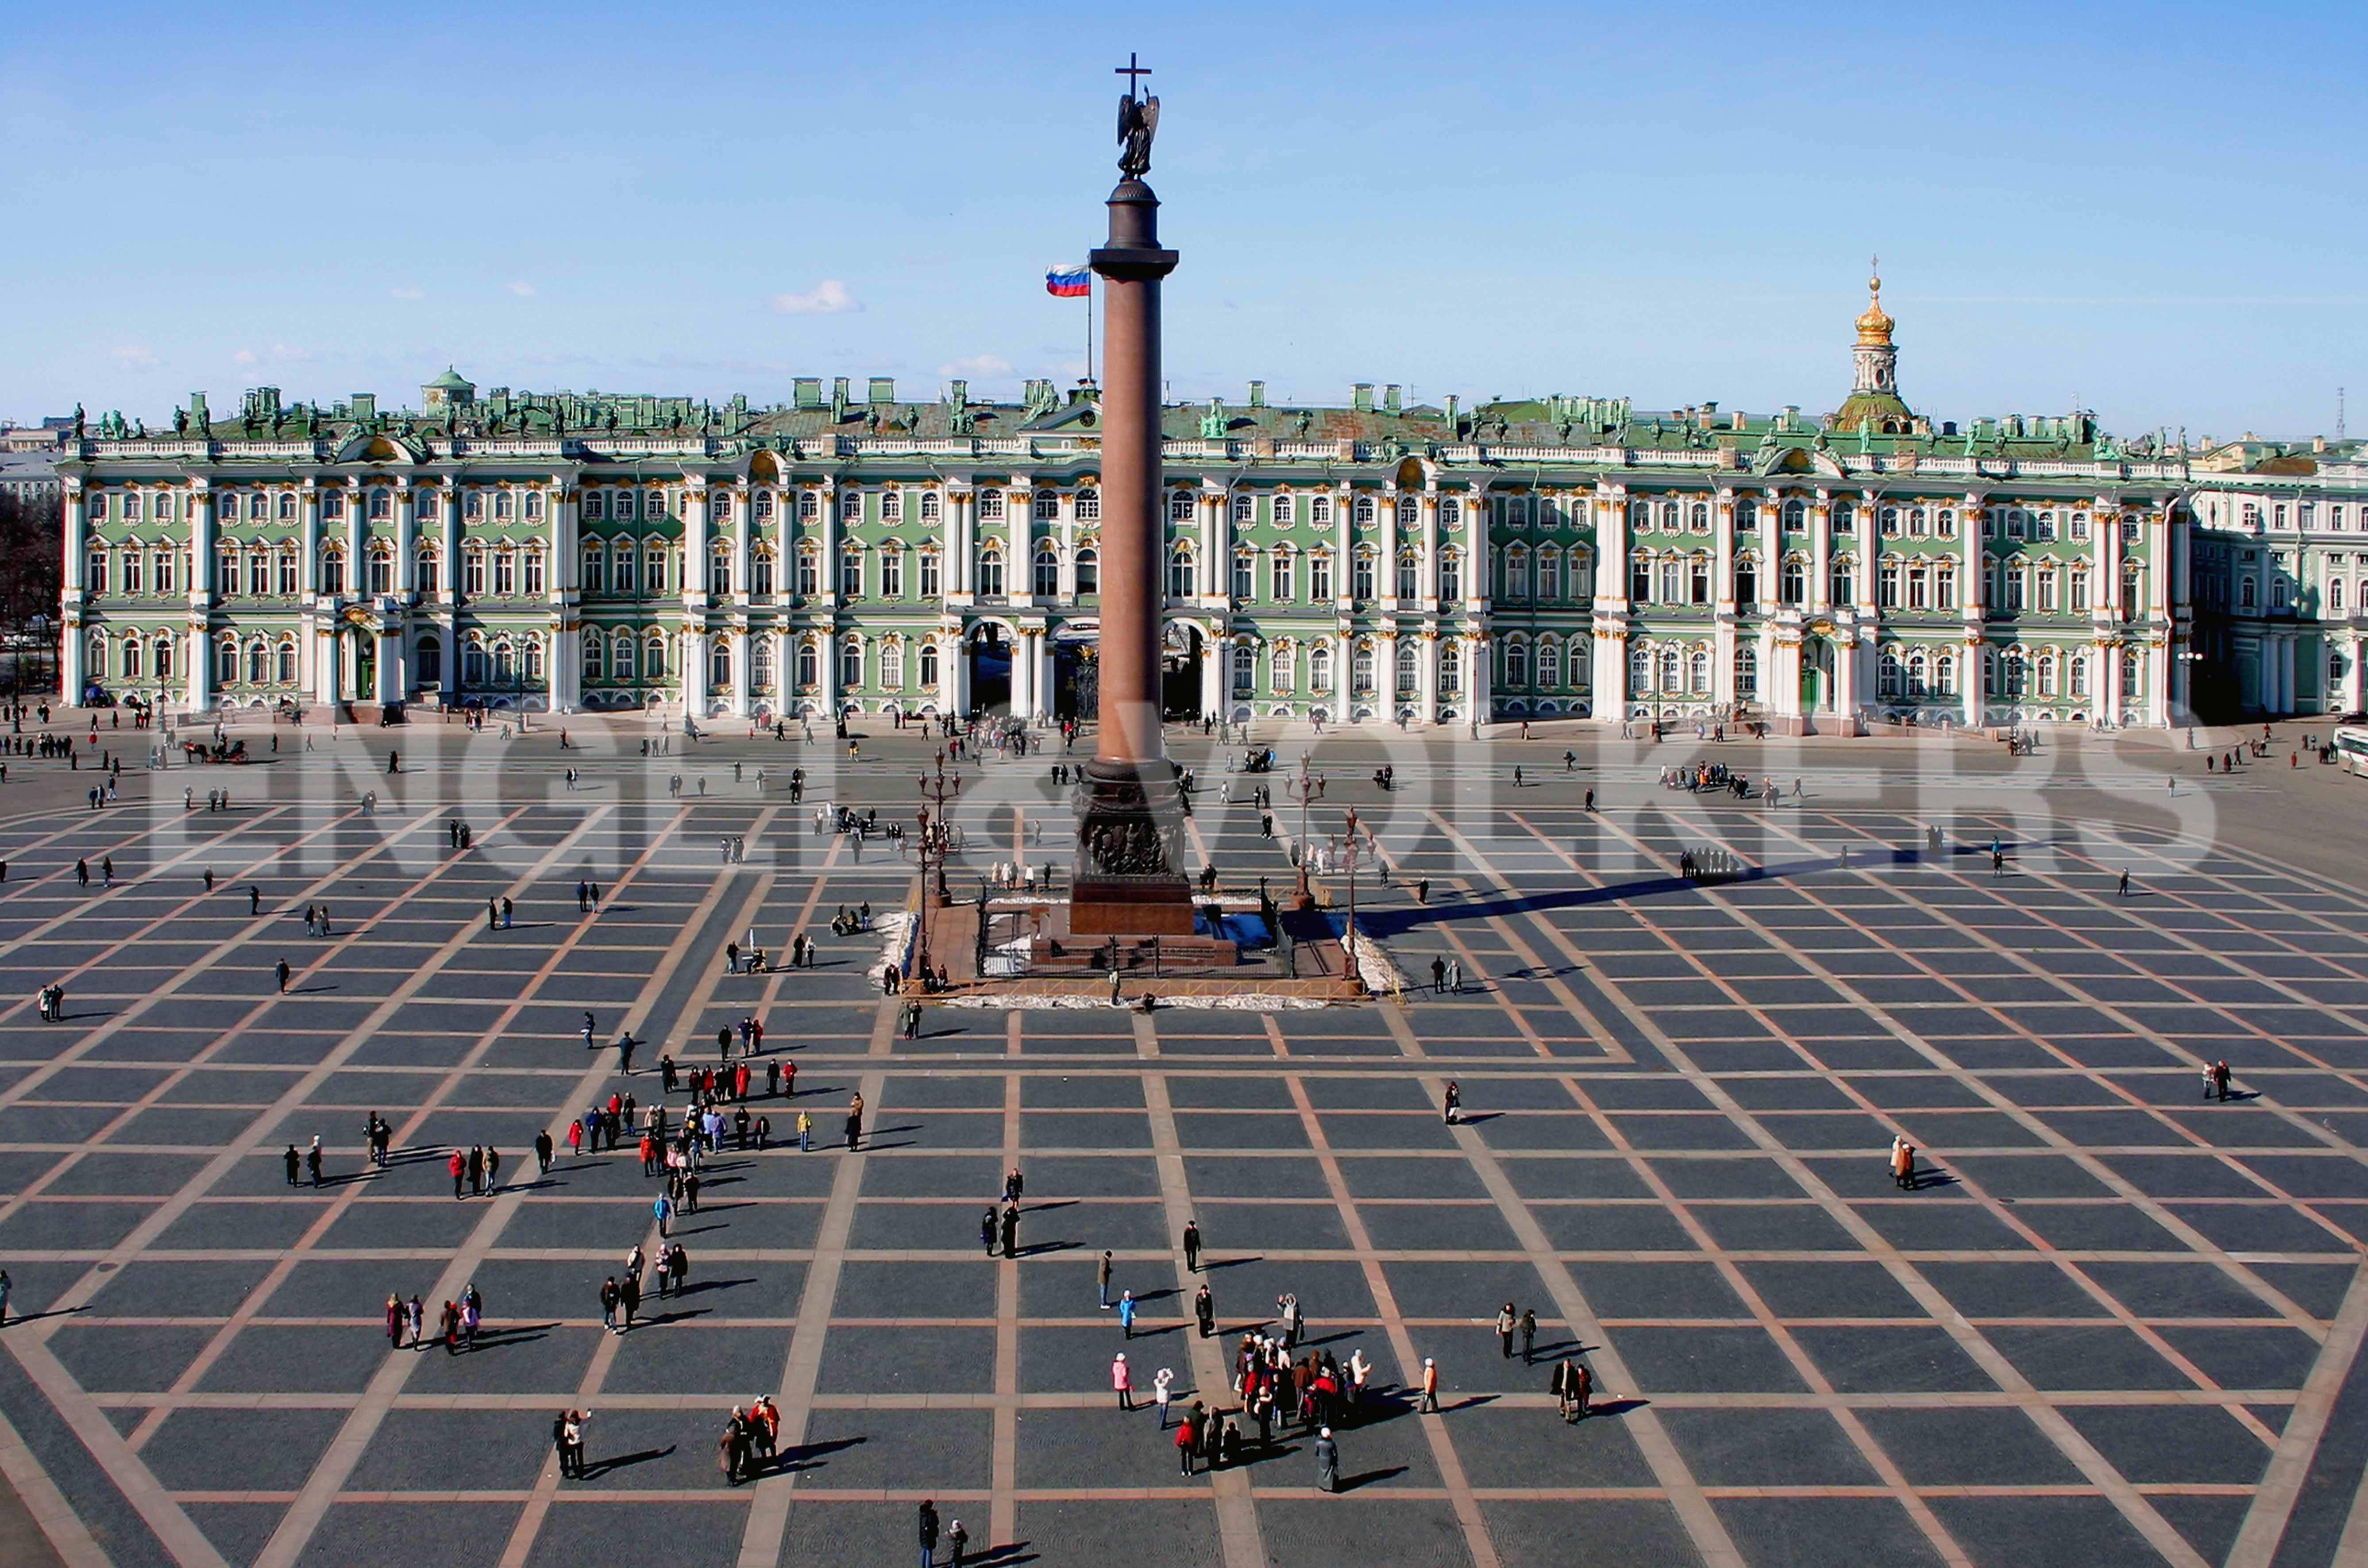 Элитные квартиры в Центральном районе. Санкт-Петербург, Большая Морская, 4. Зимний дворец (Эрмитаж)